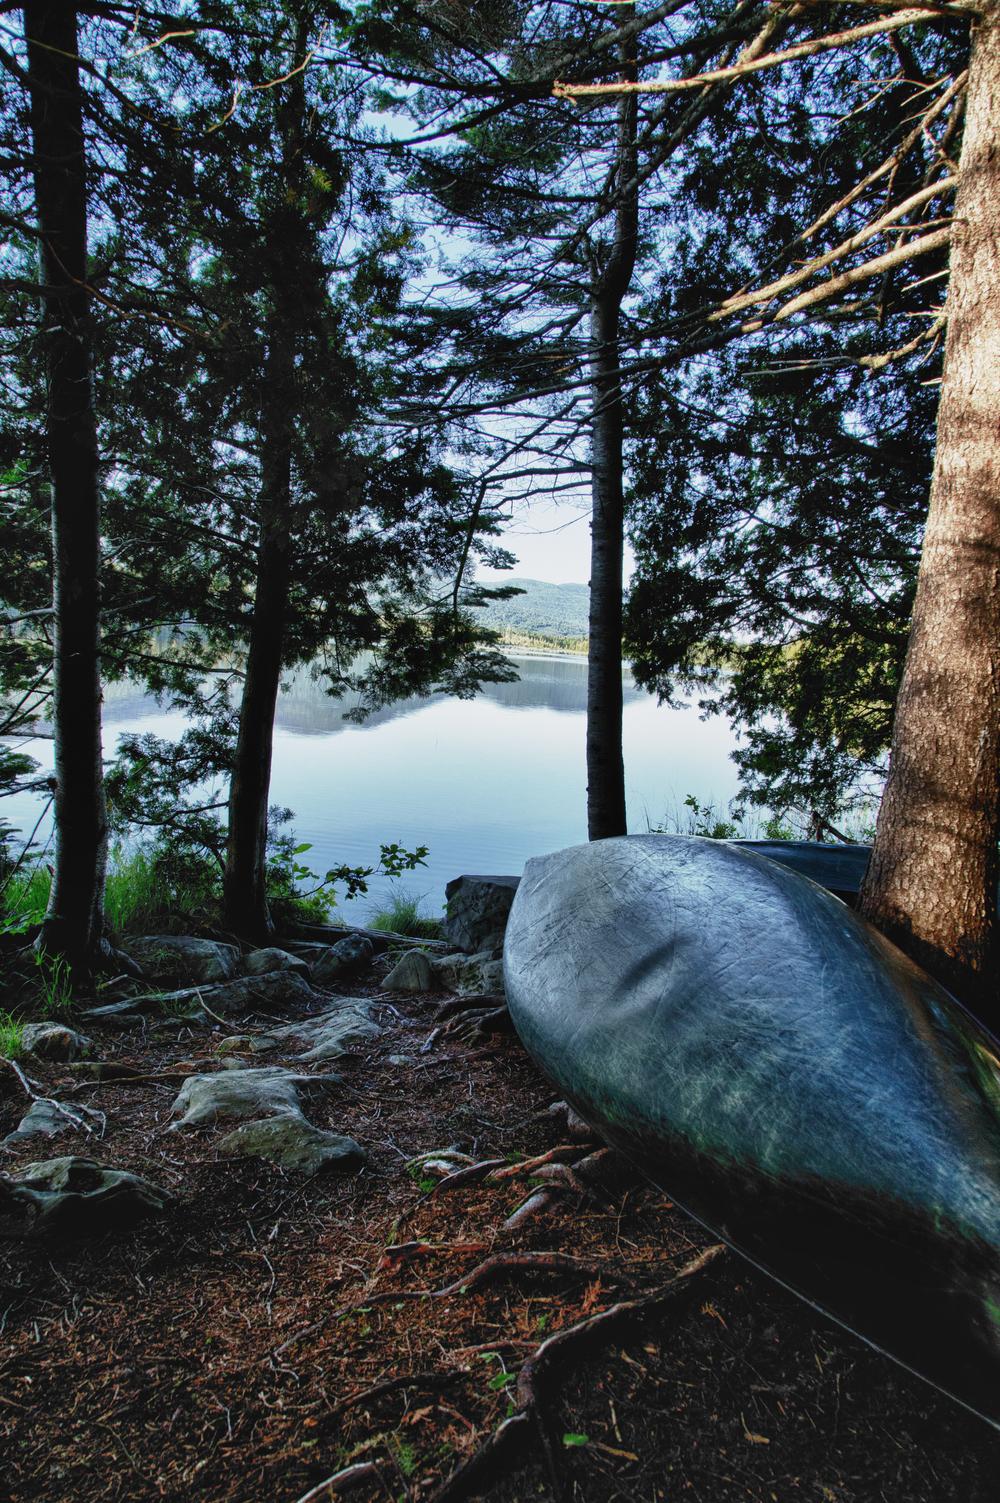 Canoe In Storage